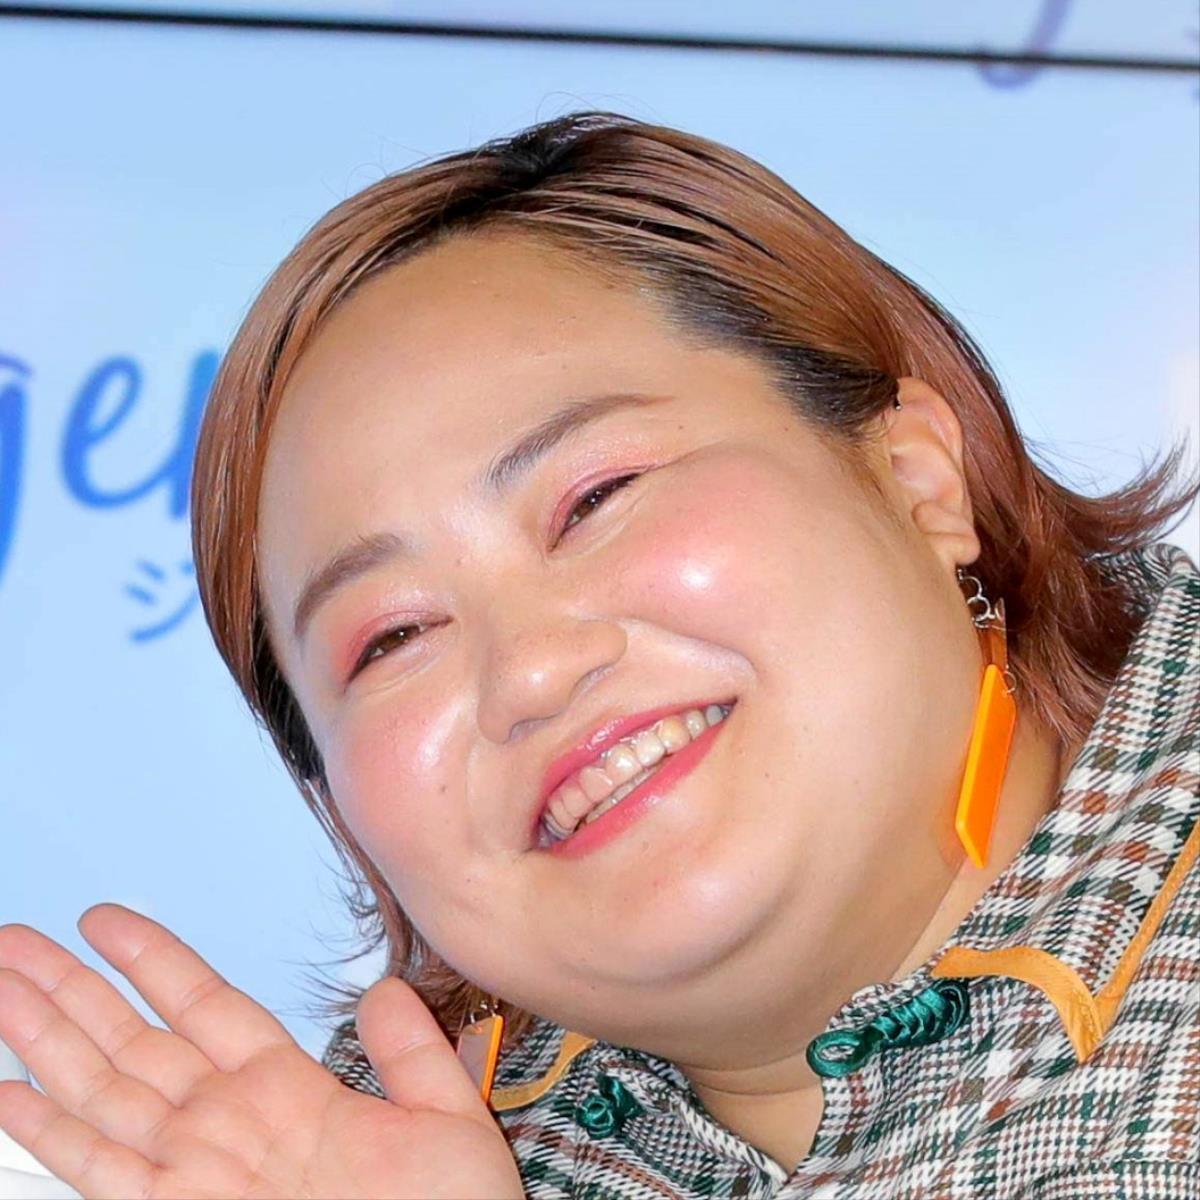 ゆいP、30キロダイエット最新ショット オカリナとおそろコーデに「お人形みたいに可愛い」(スポーツ報知) - Yahoo!ニュース